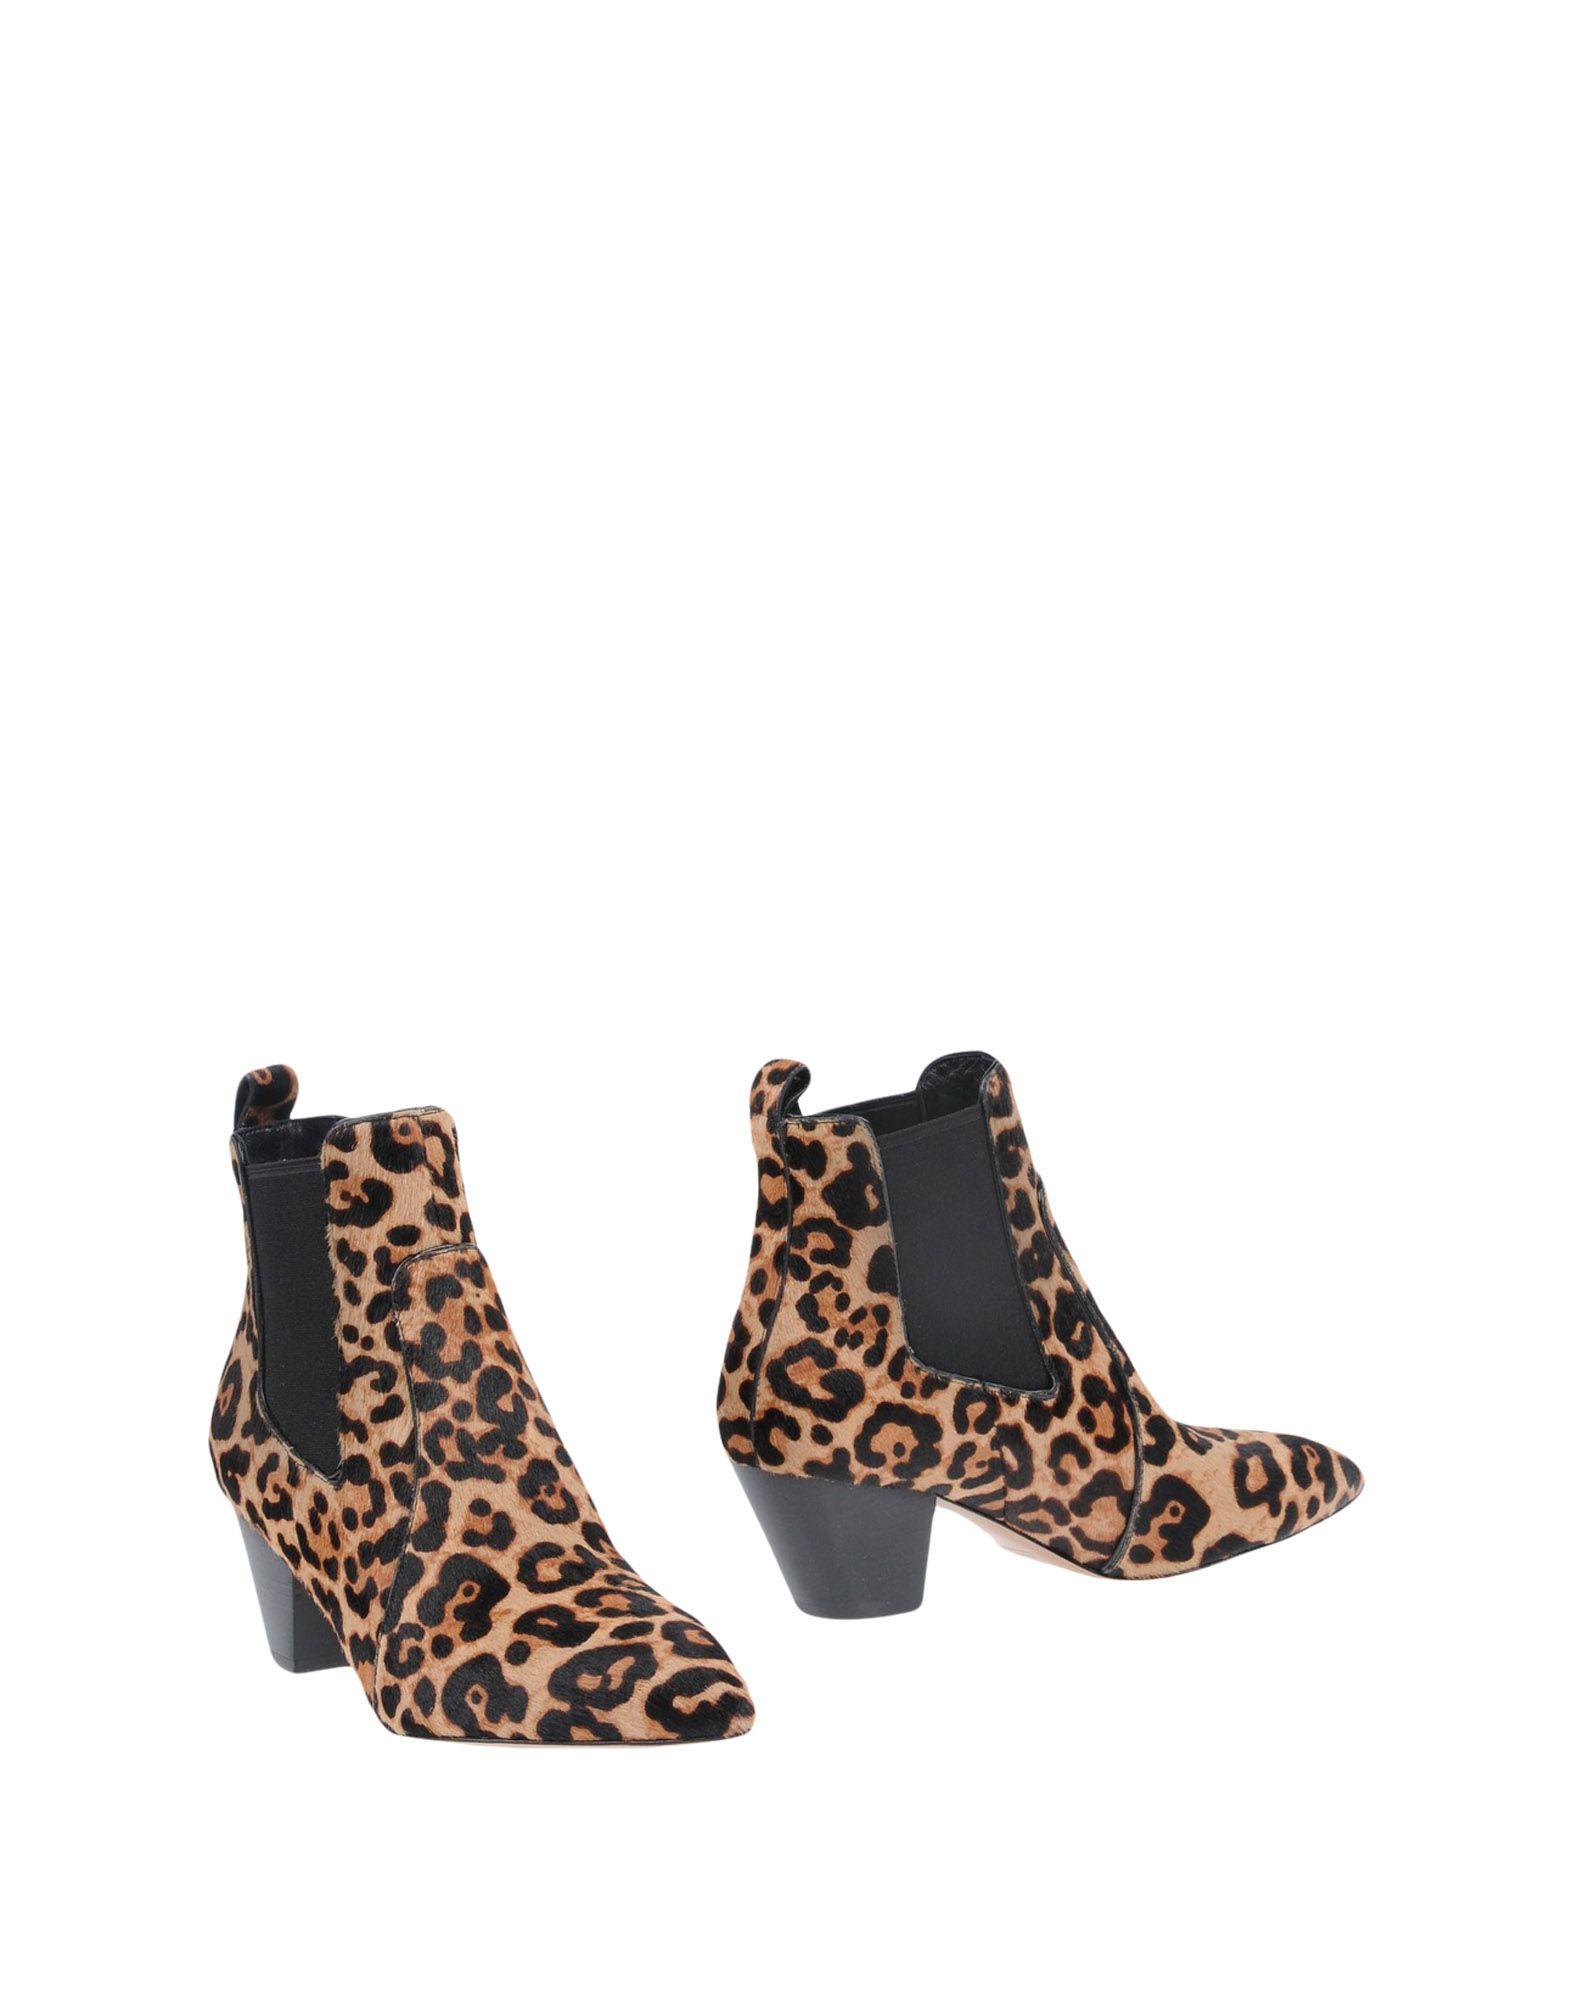 Marc Jacobs Stiefelette Damen 11455328OXGünstige Schuhe gut aussehende Schuhe 11455328OXGünstige 25c13e